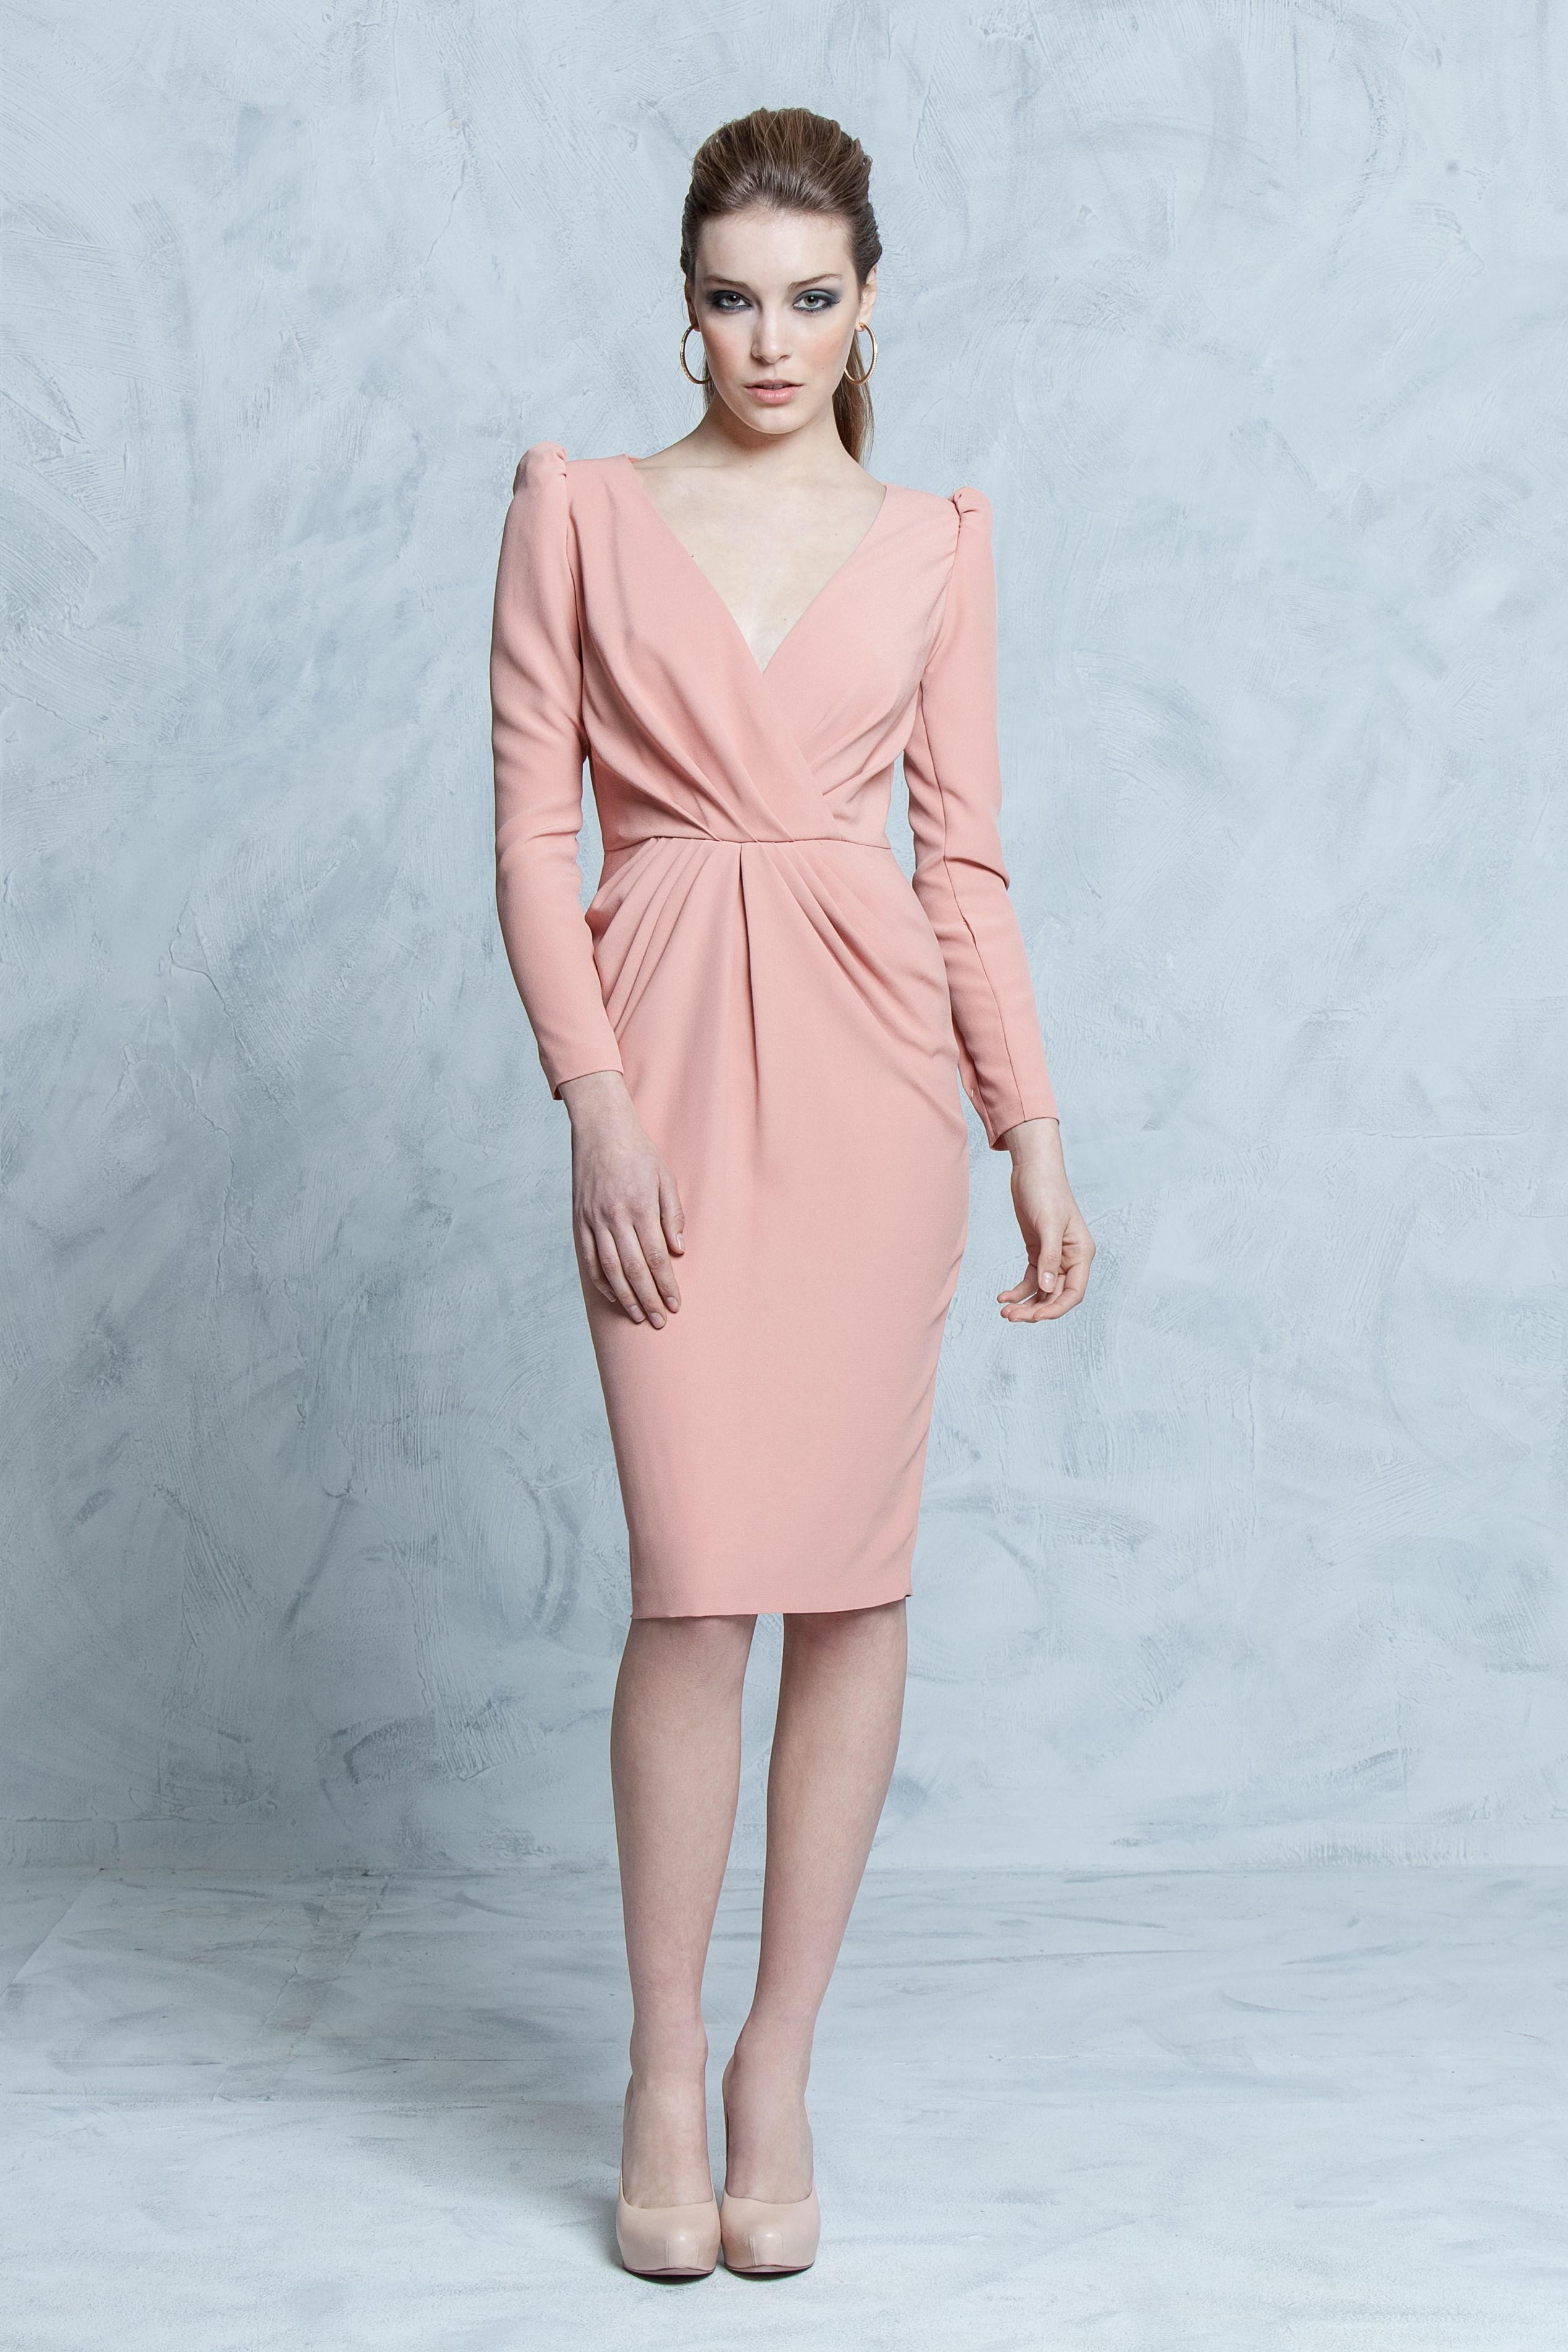 Old Fashioned Vestido Novia Invierno Adornment - All Wedding Dresses ...